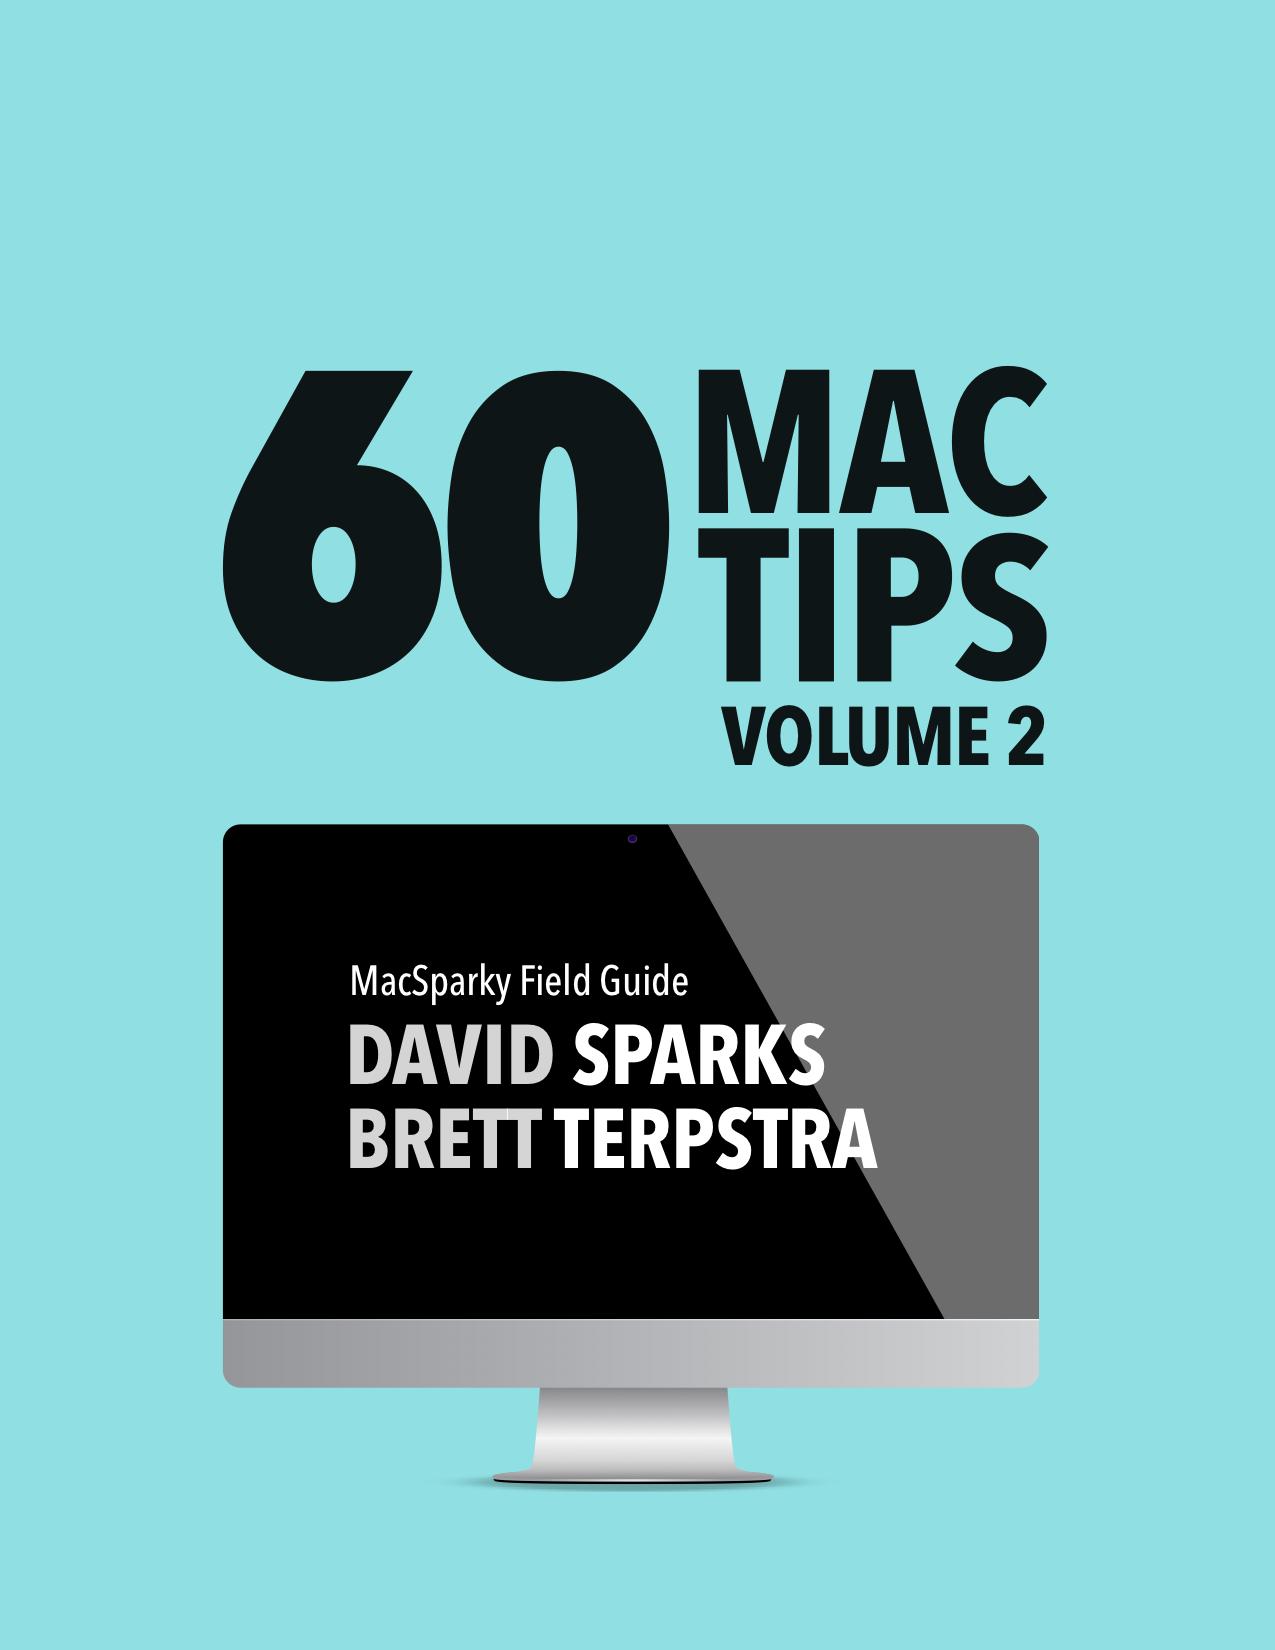 60 Mac Tips Volume2 MacSparky